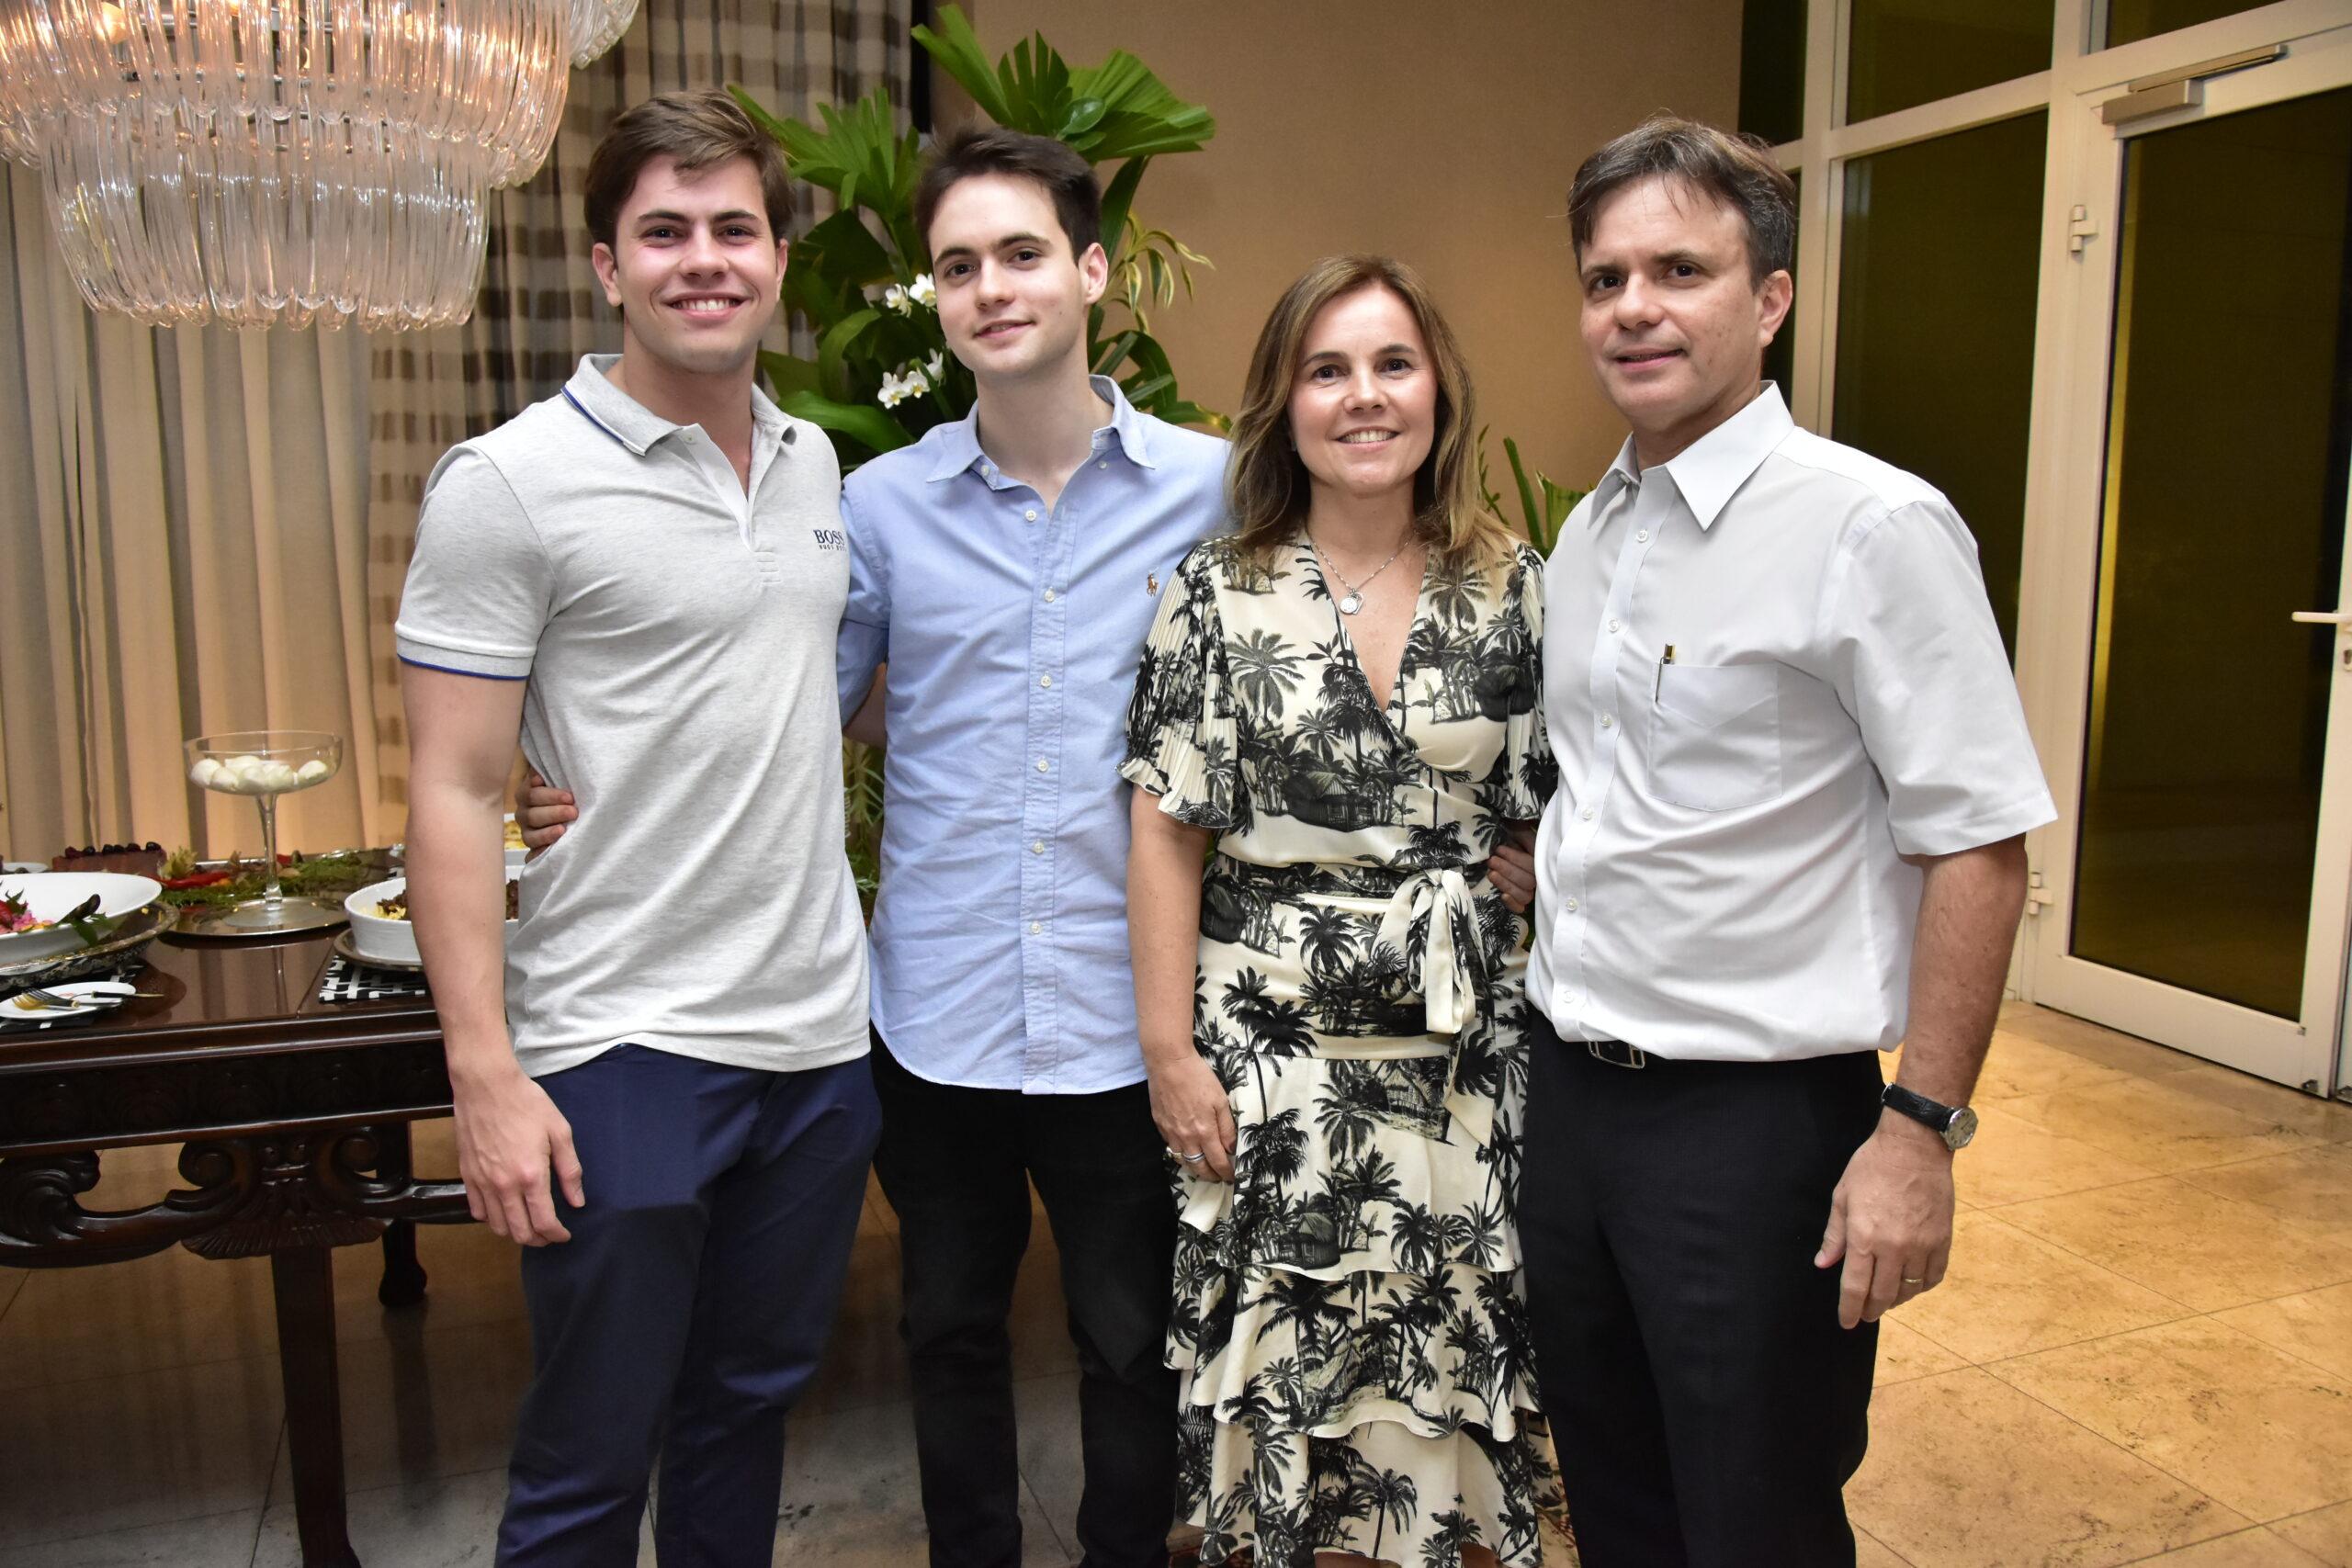 Diego Jucá comemora aniversário na companhia dos pais e amigos; veja fotos